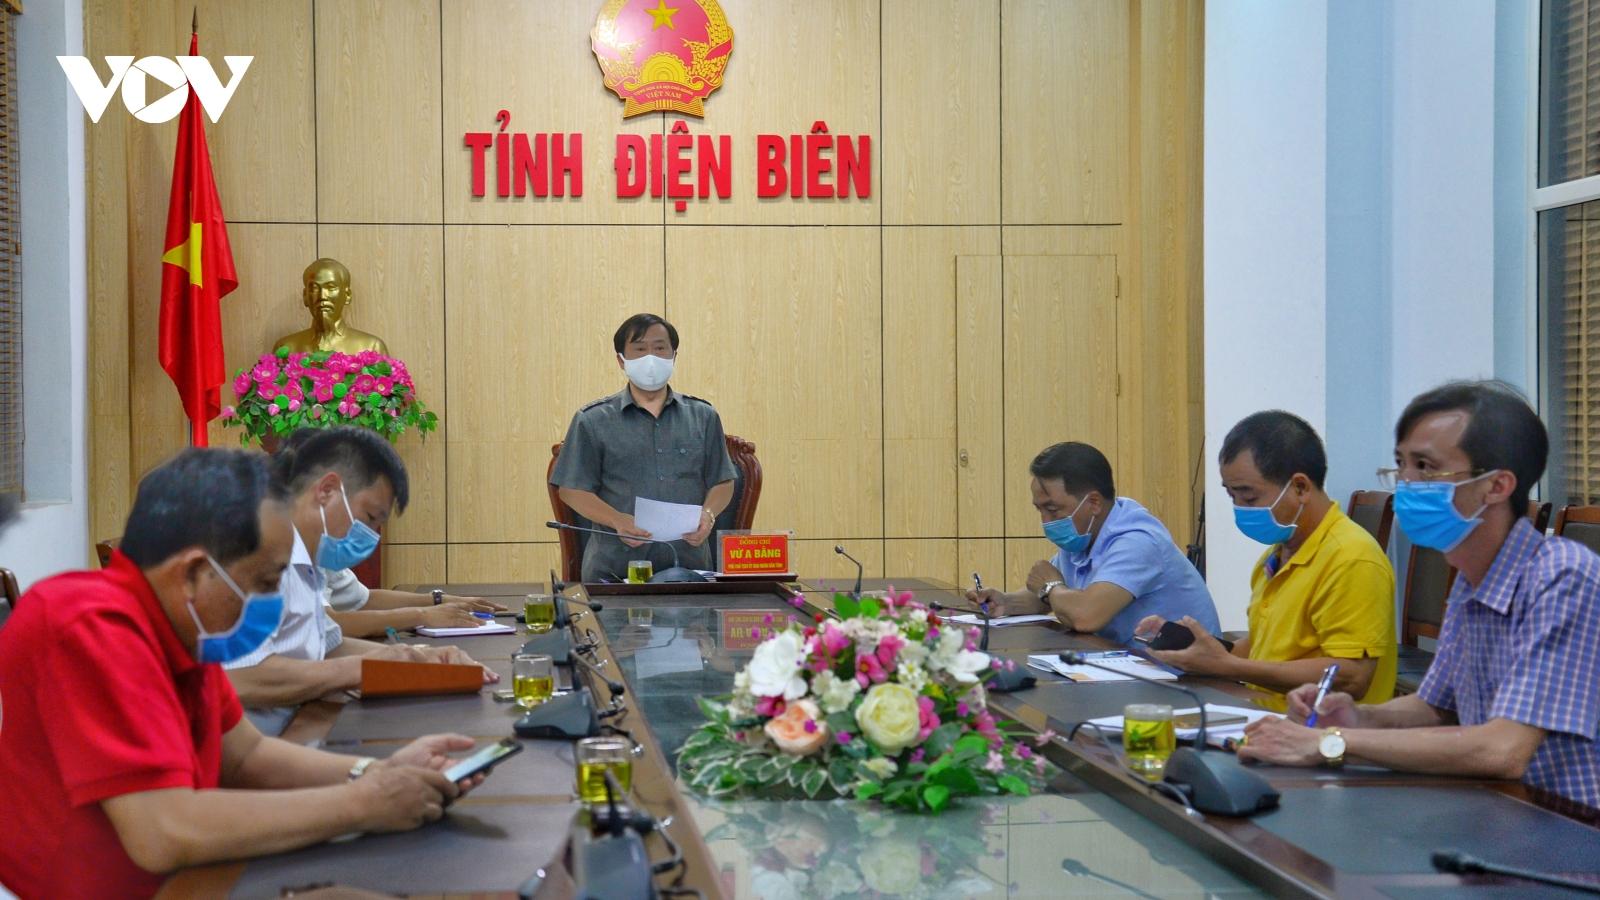 Điện Biên họp khẩn vì có 7 trường hợp liên quan đến Bệnh viện Nhiệt đới Trung ương cơ sở 2